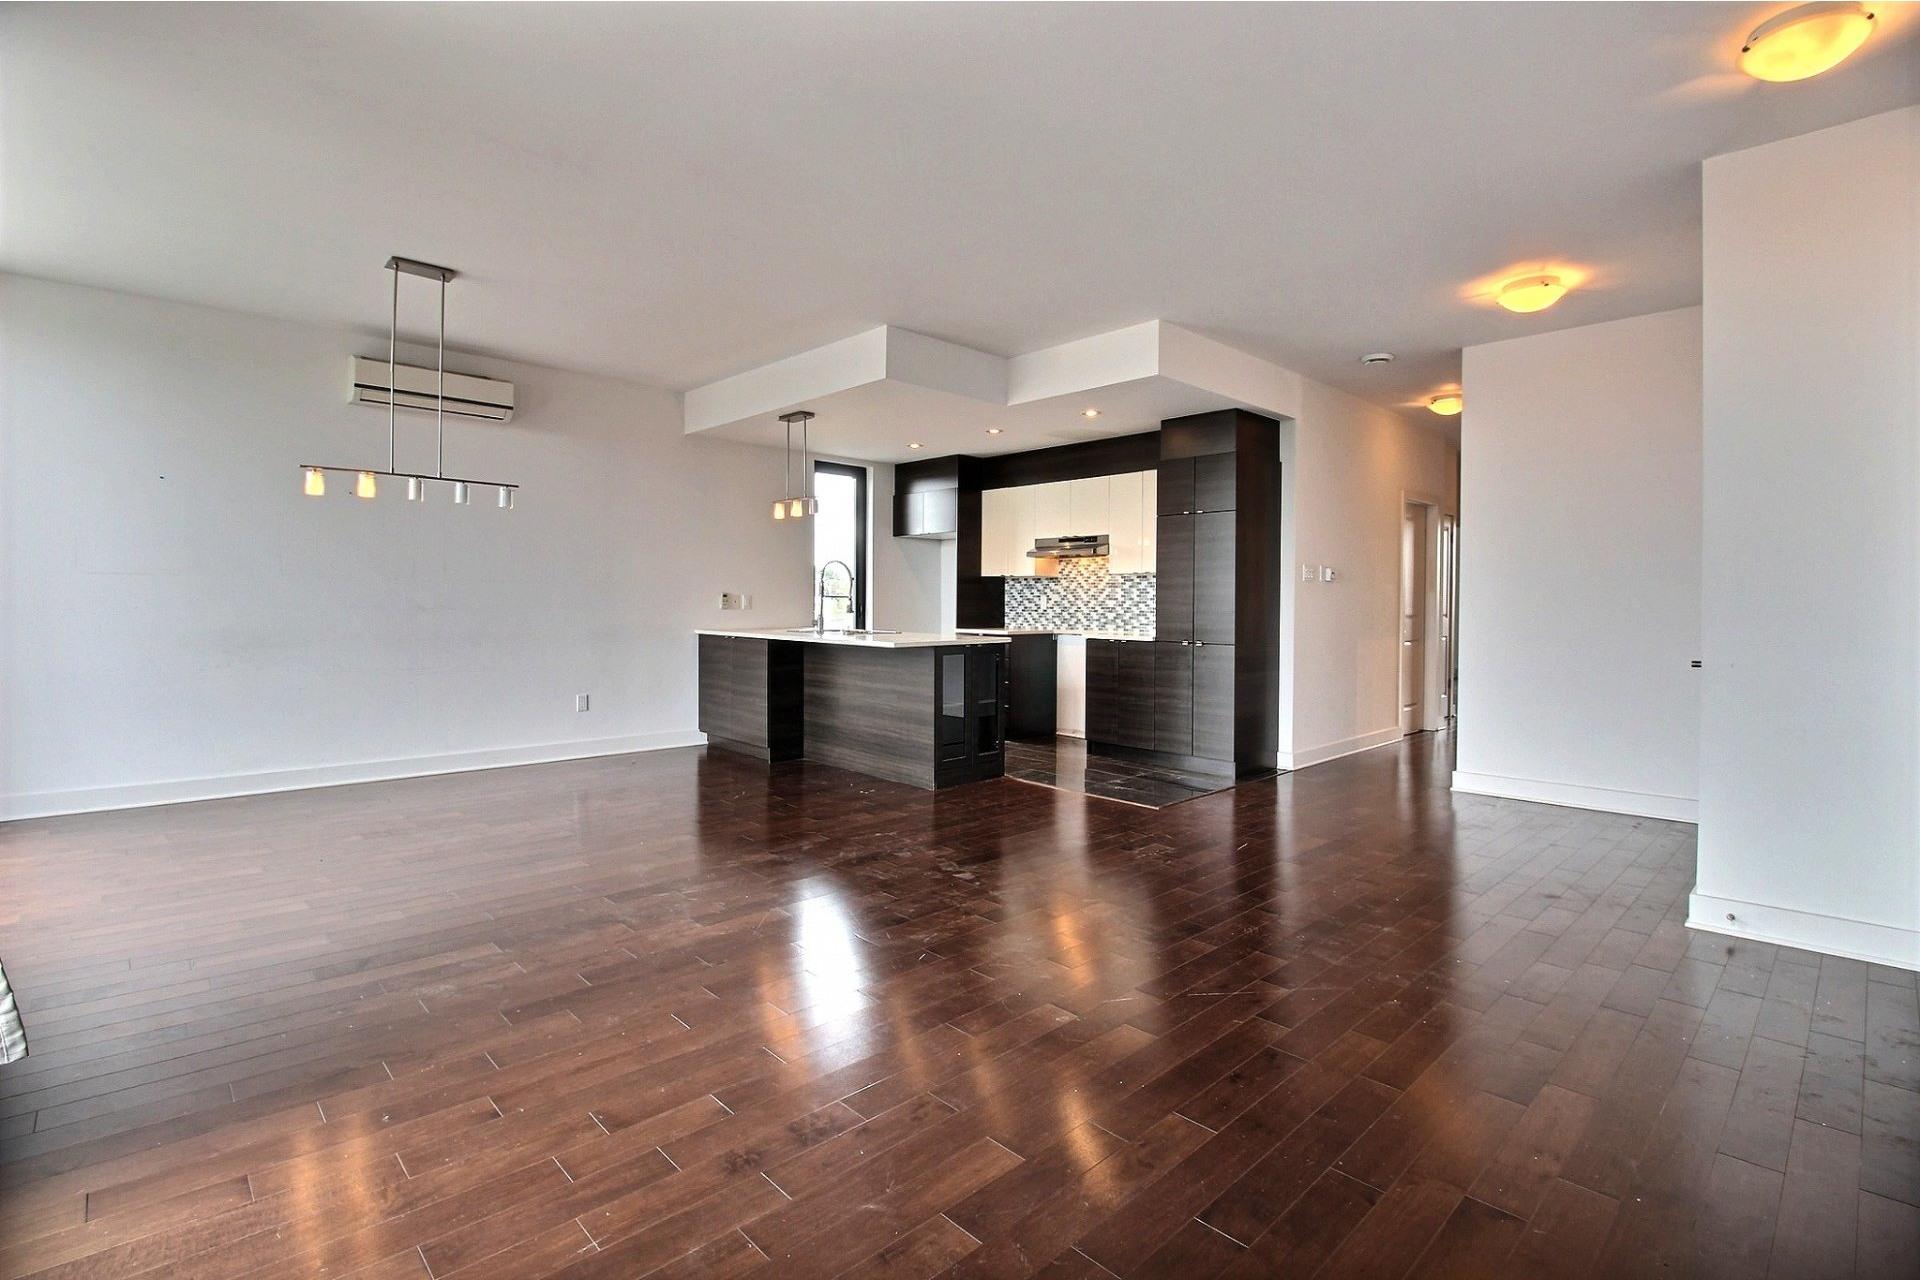 image 6 - Appartement À louer Montréal Villeray/Saint-Michel/Parc-Extension  - 6 pièces